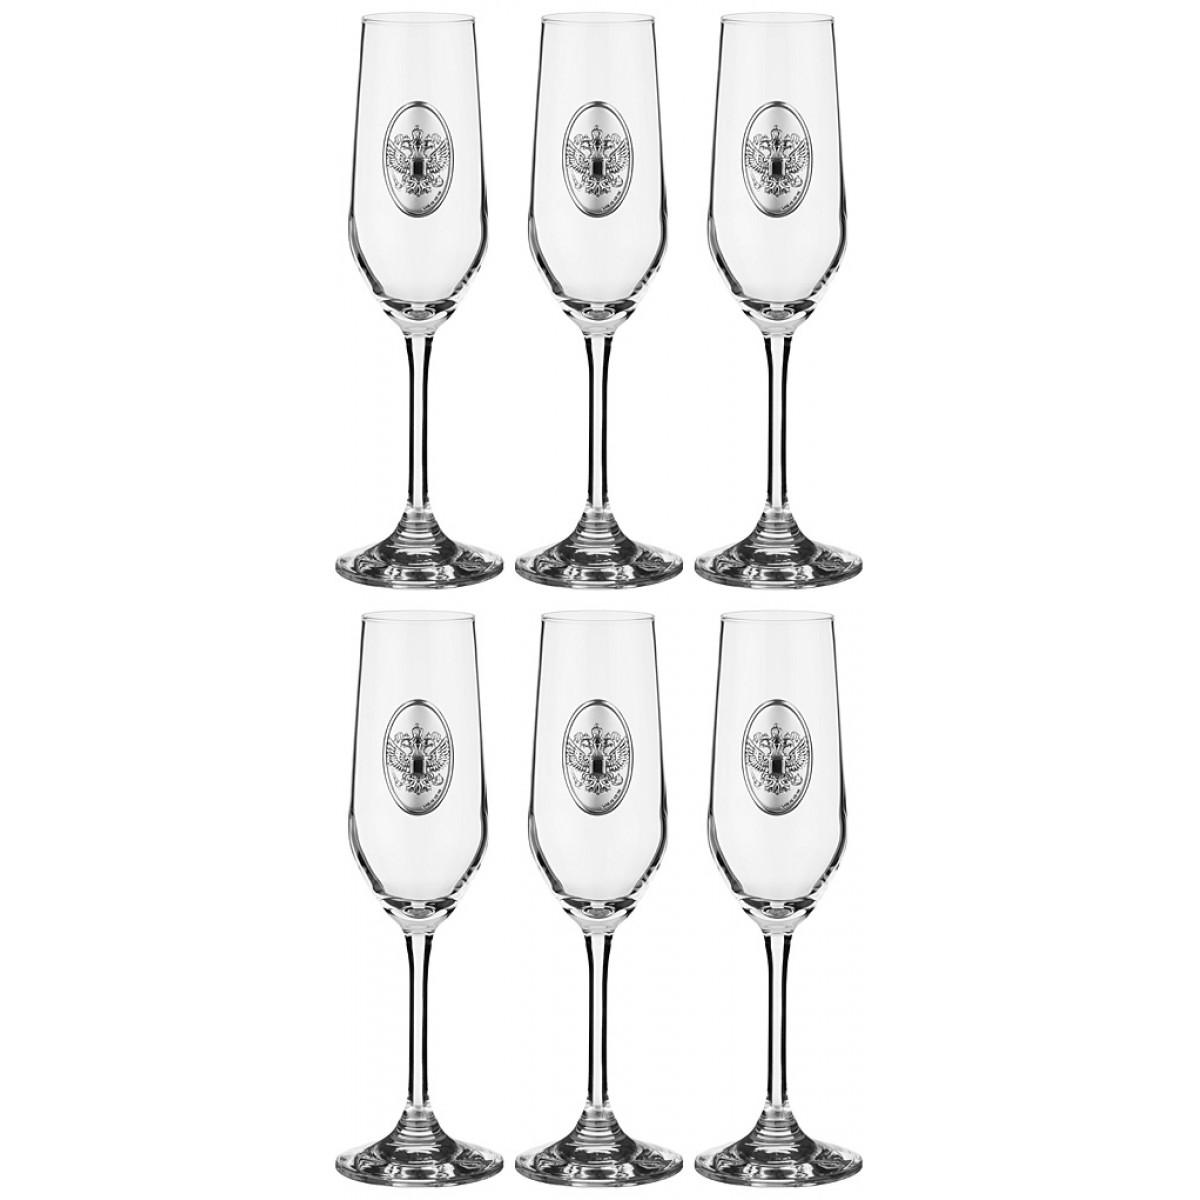 набор бокалов bistro д шампанского 2шт 275мл стекло {} Cristalleria Acampora Набор бокалов для шампанского Jaimee  (23 см - 6 шт)